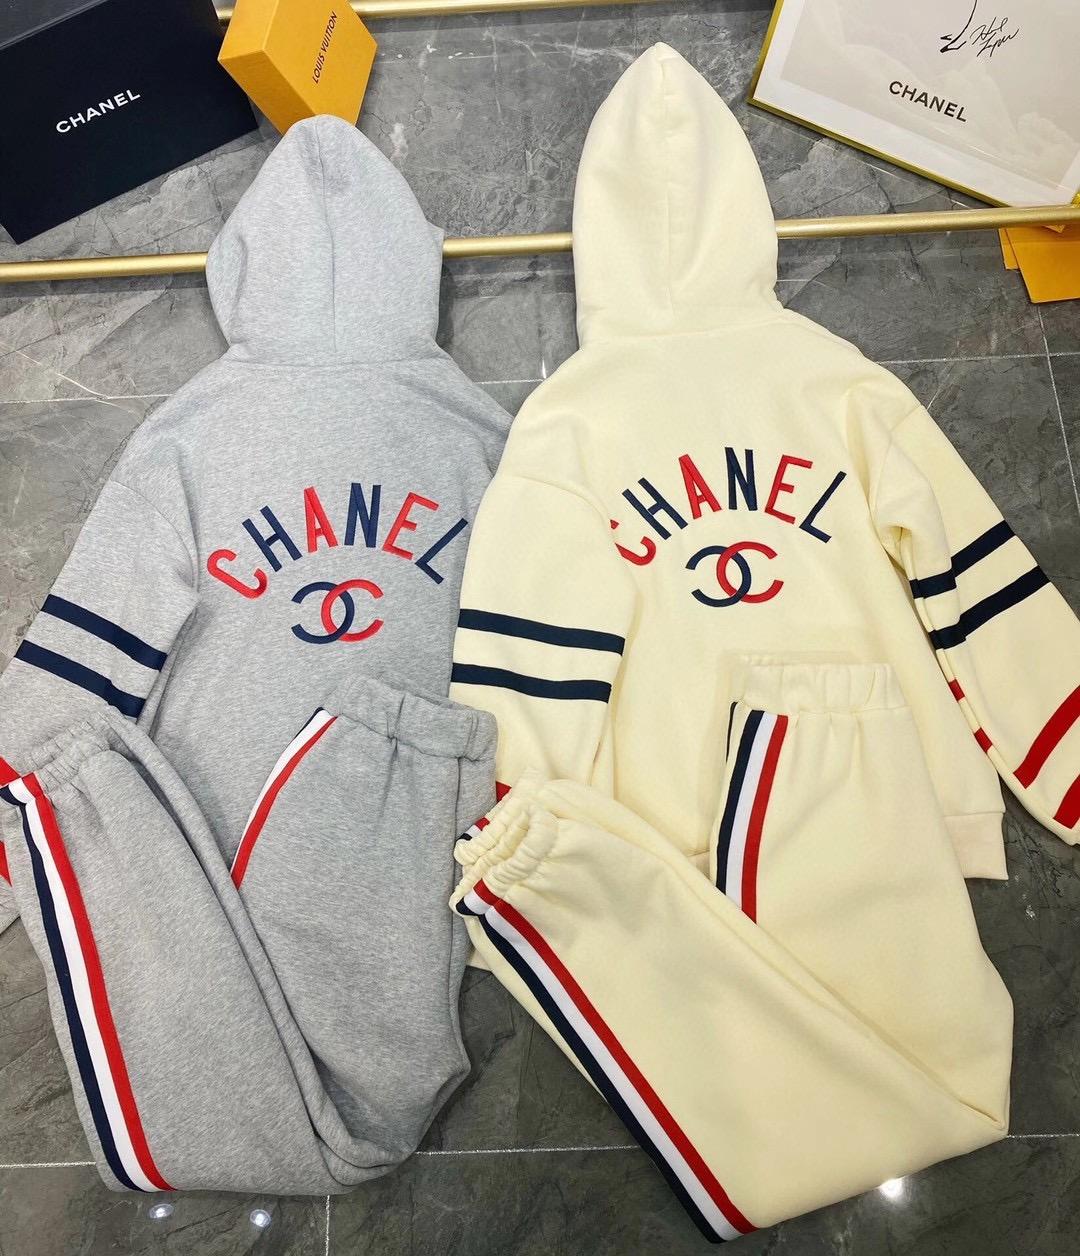 Chanel Костюм осень-зима 2020